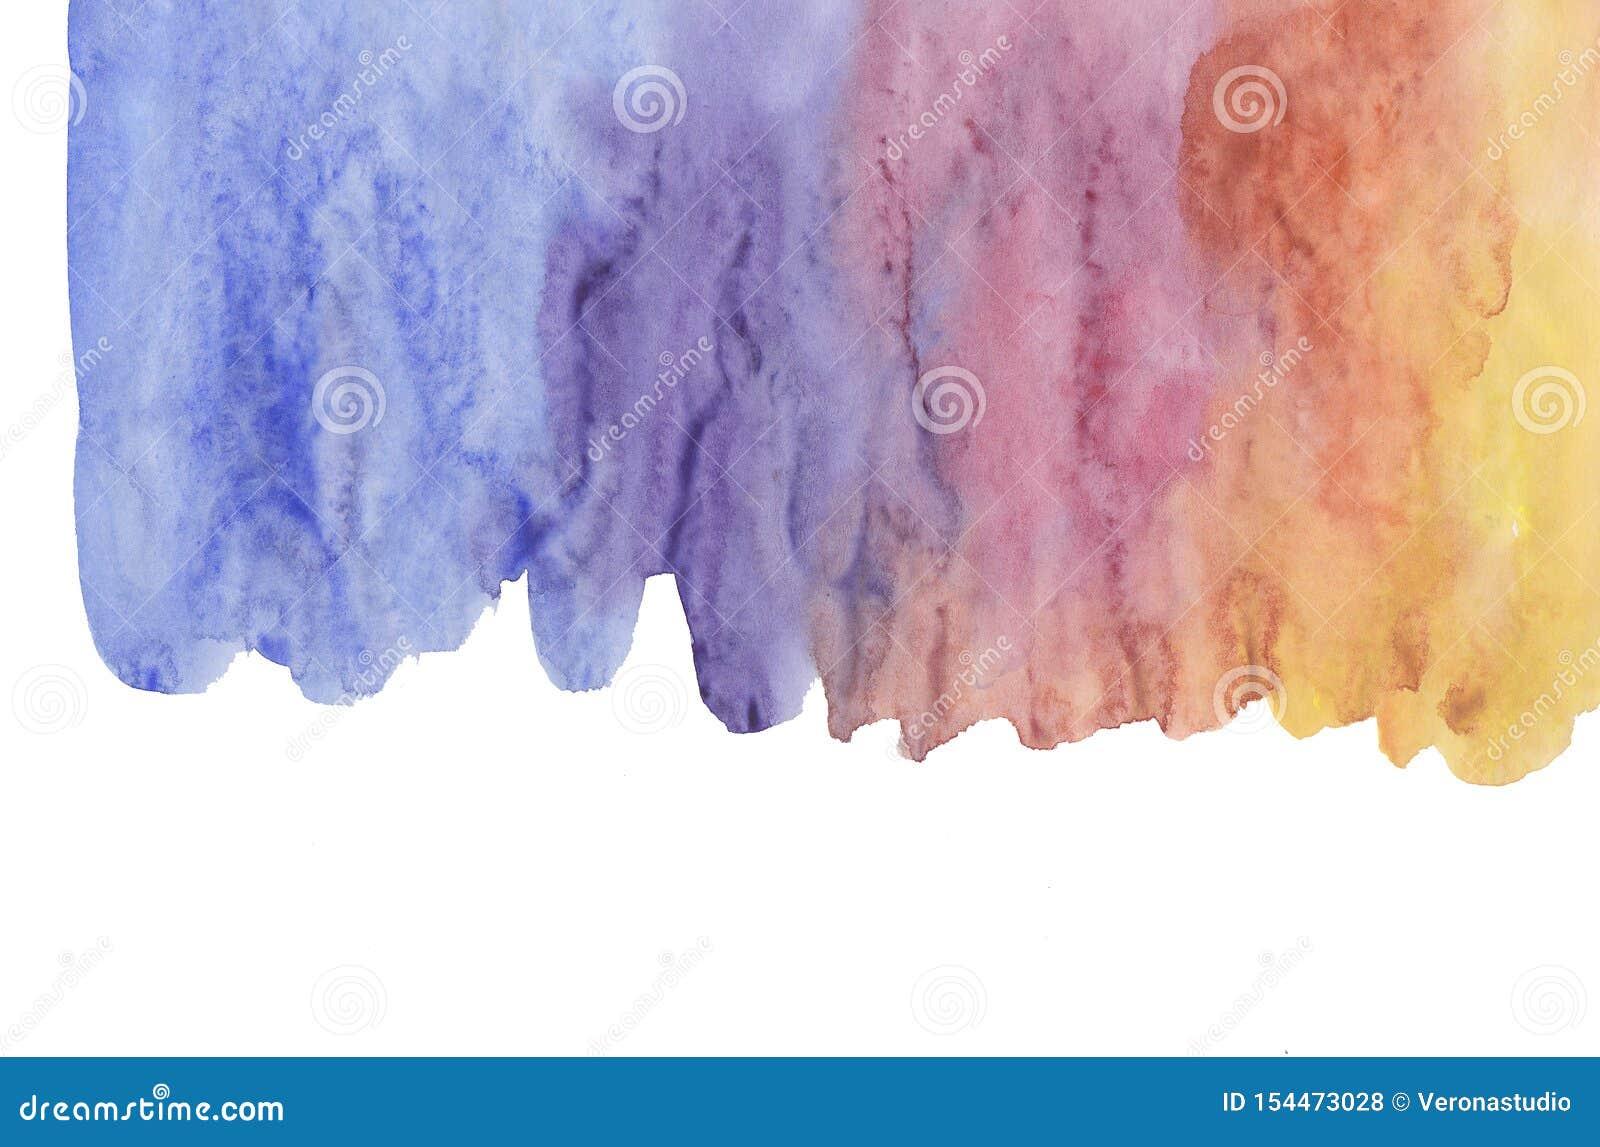 Abstrakcjonistyczni akwareli muśnięcia uderzenia odizolowywający na białej, kreatywnie ilustracji, artystyczna kolor paleta, grun